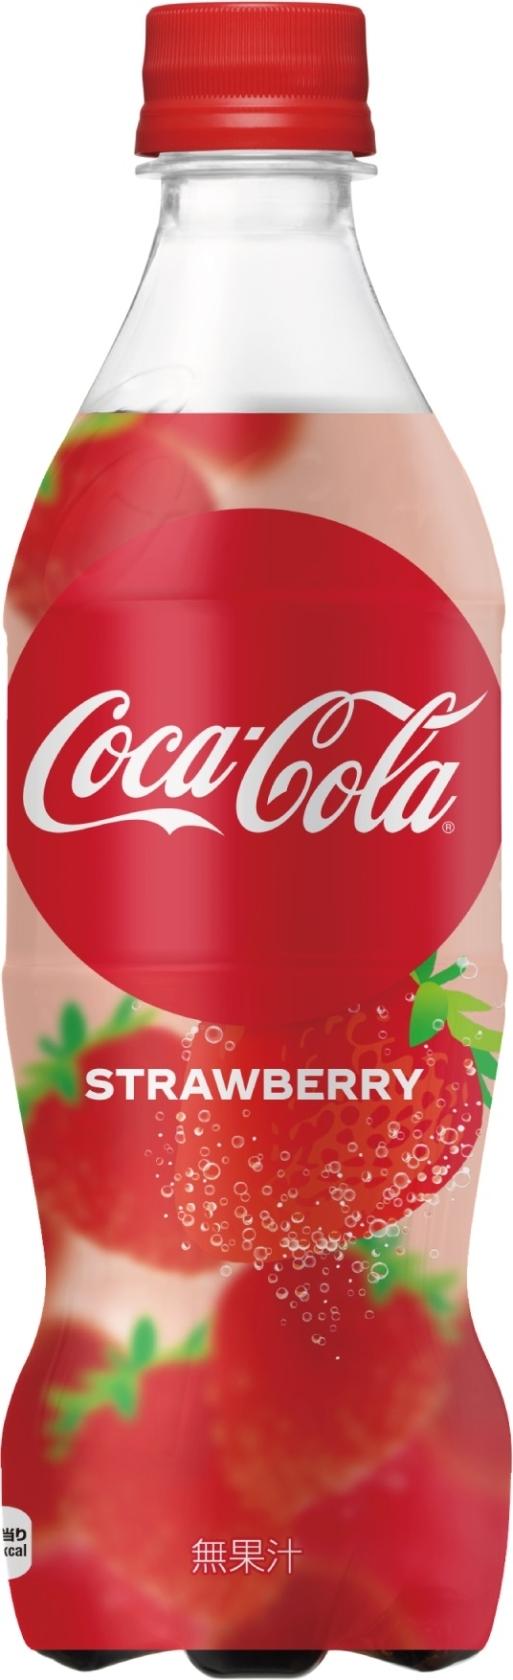 コカ・コーラ コカ・コーラ ストロベリー